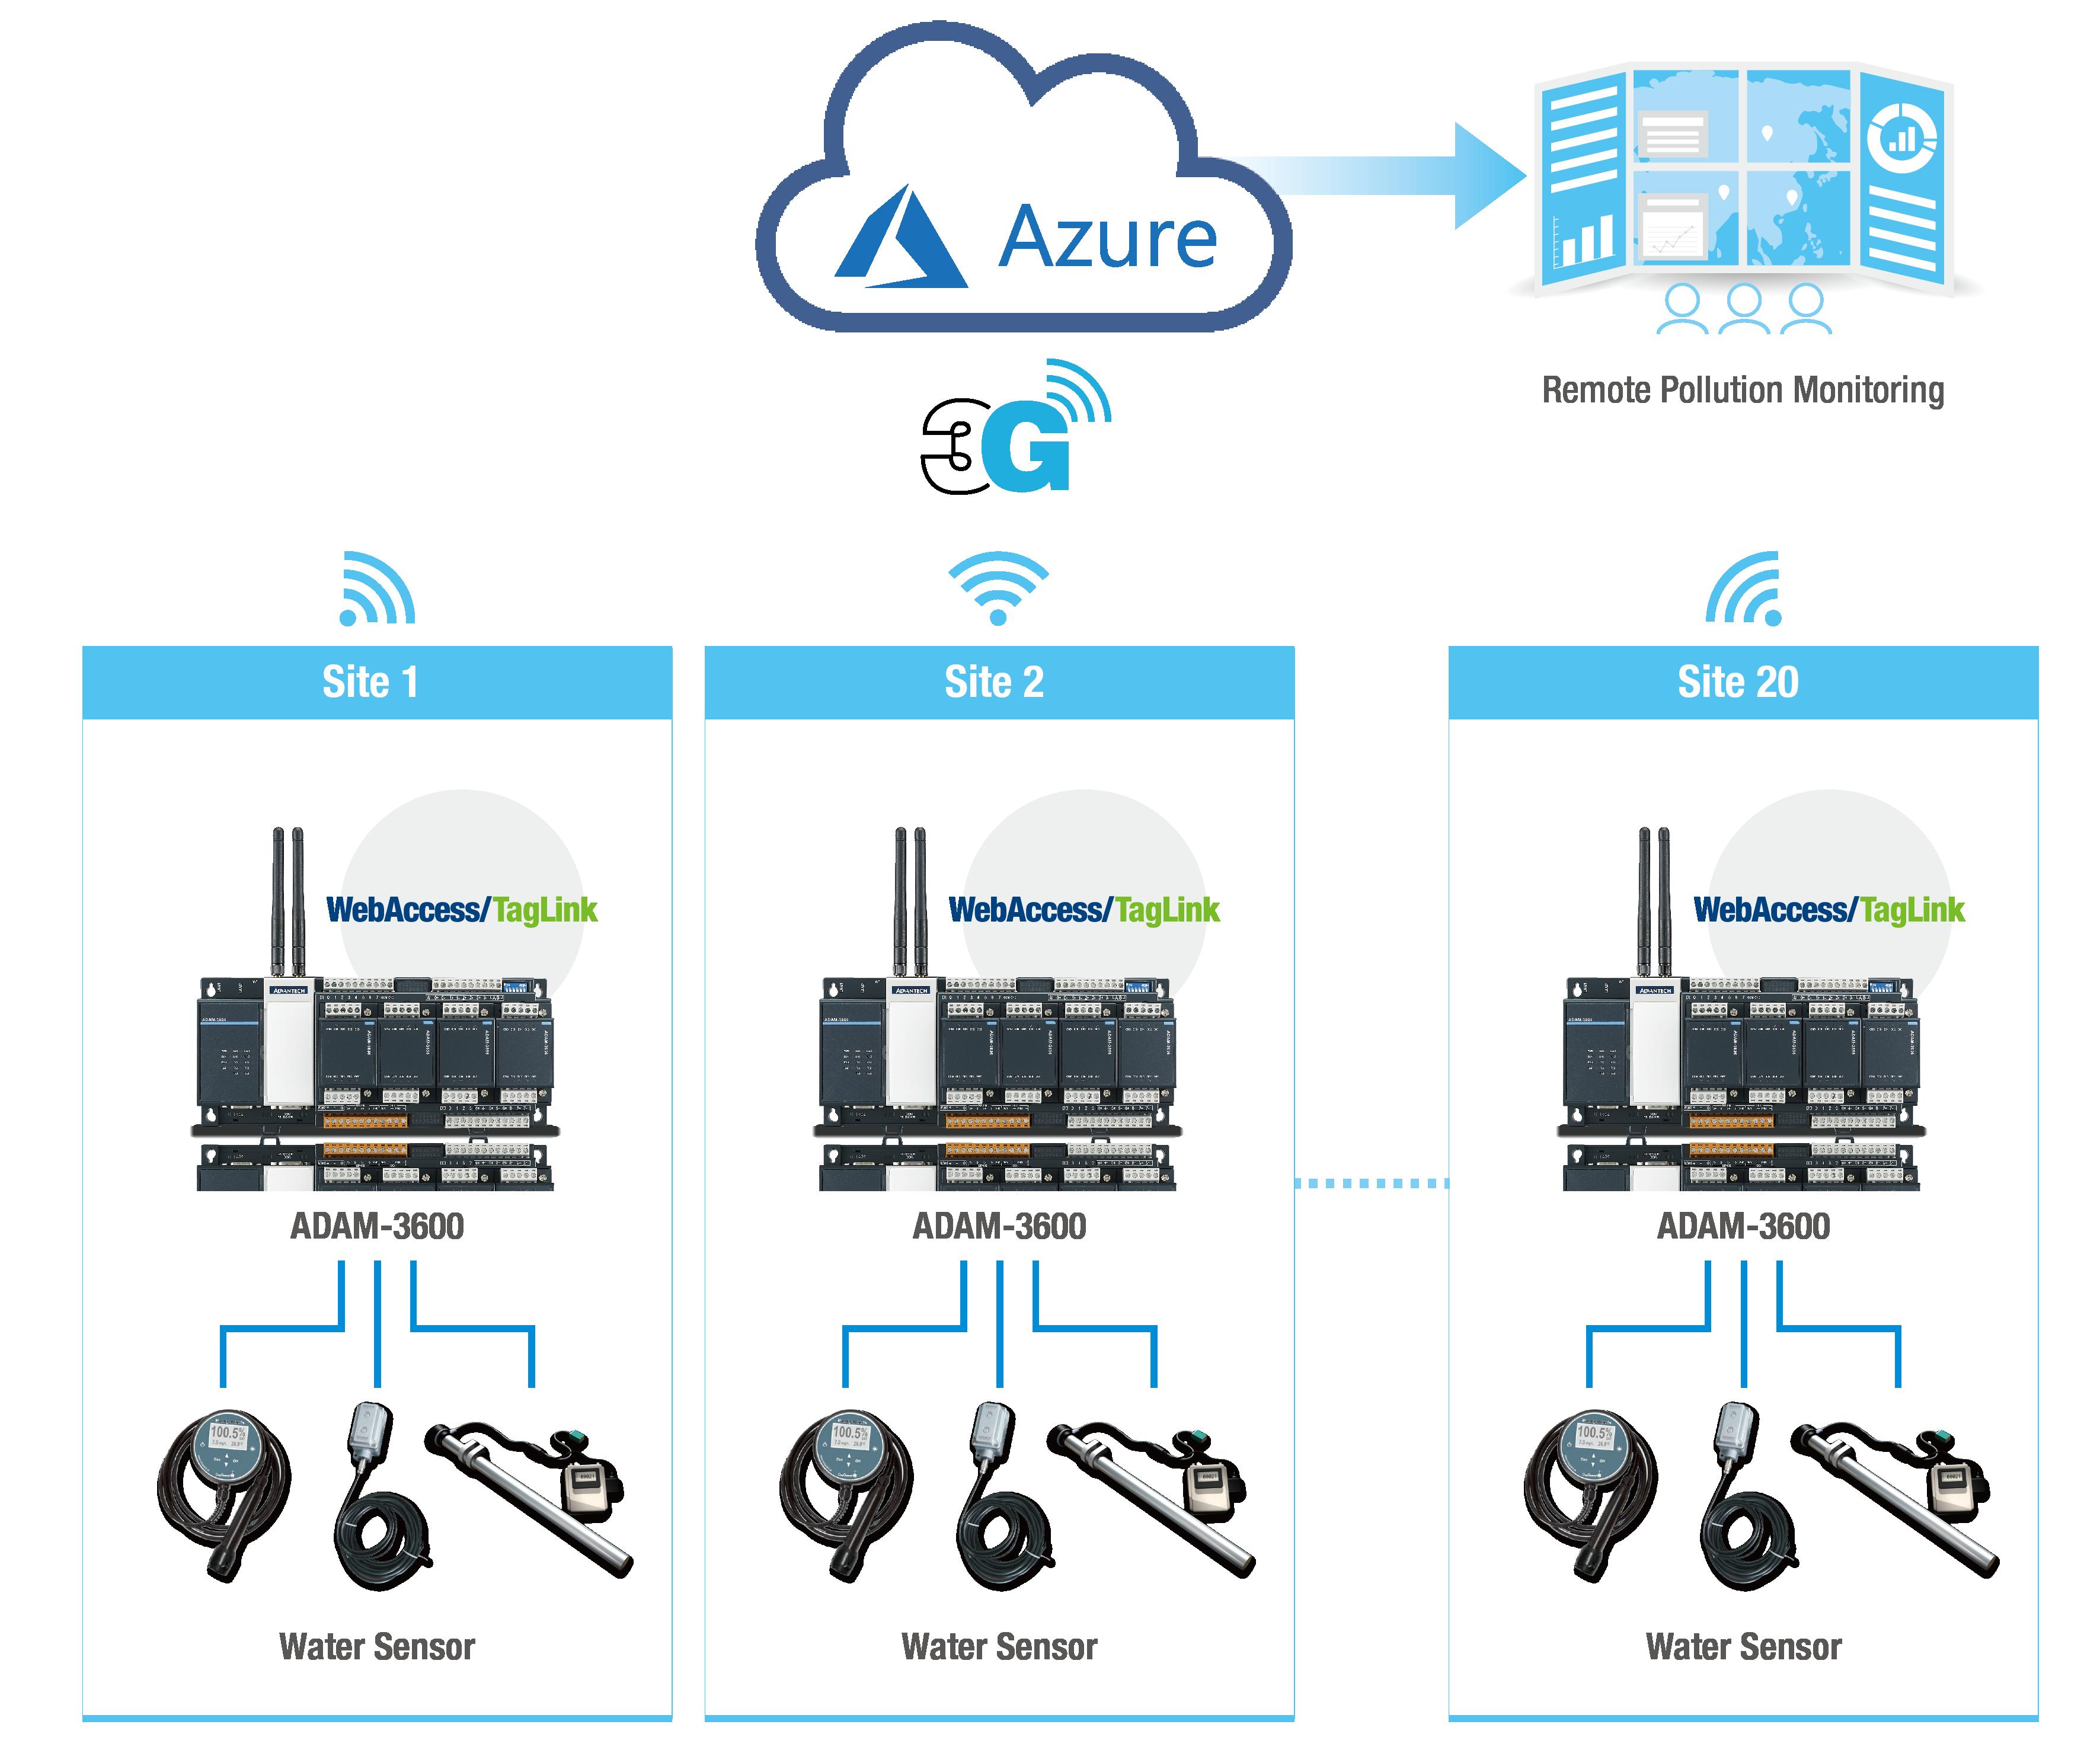 Sử dụng ADAM-3600 để xây dựng hệ thống giám sát nước thải và truyền dữ liệu  đa điểm tới đám mây - Advantech アドバンテック株式会社